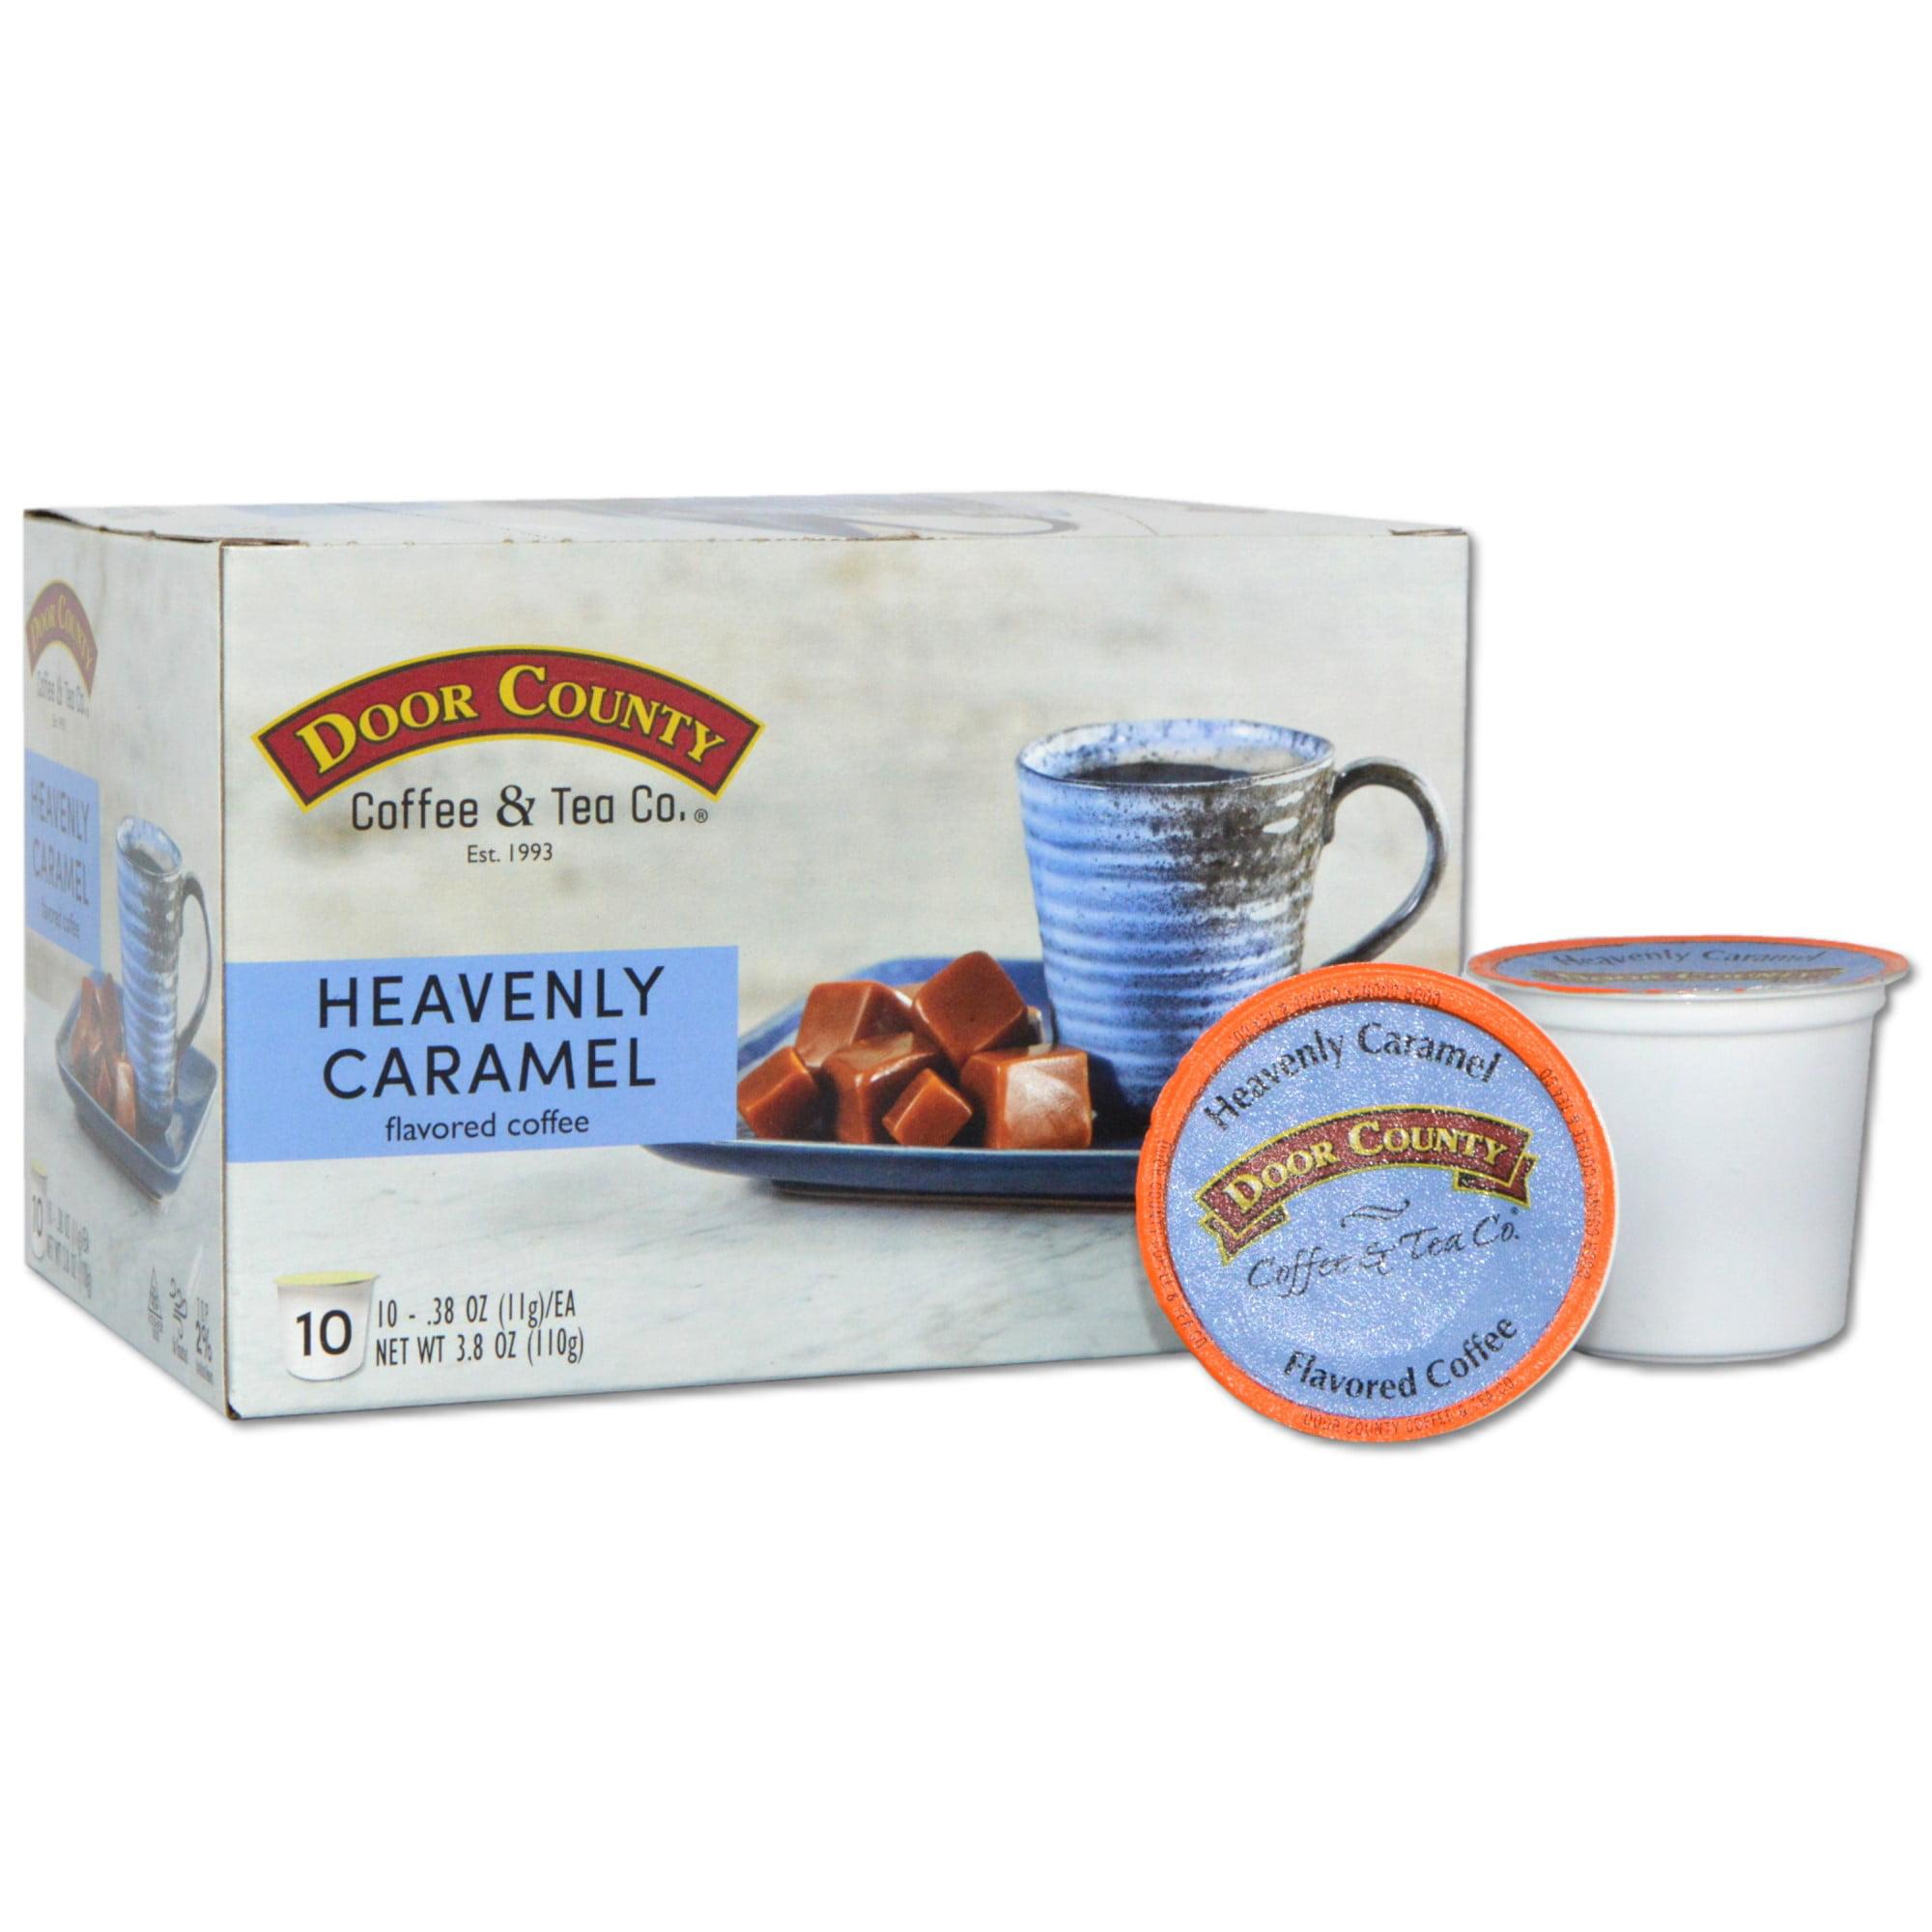 Door County Coffee Heavenly Caramel Flavored Coffee K-Cups - 10 Count - Walmart.com - Walmart.com